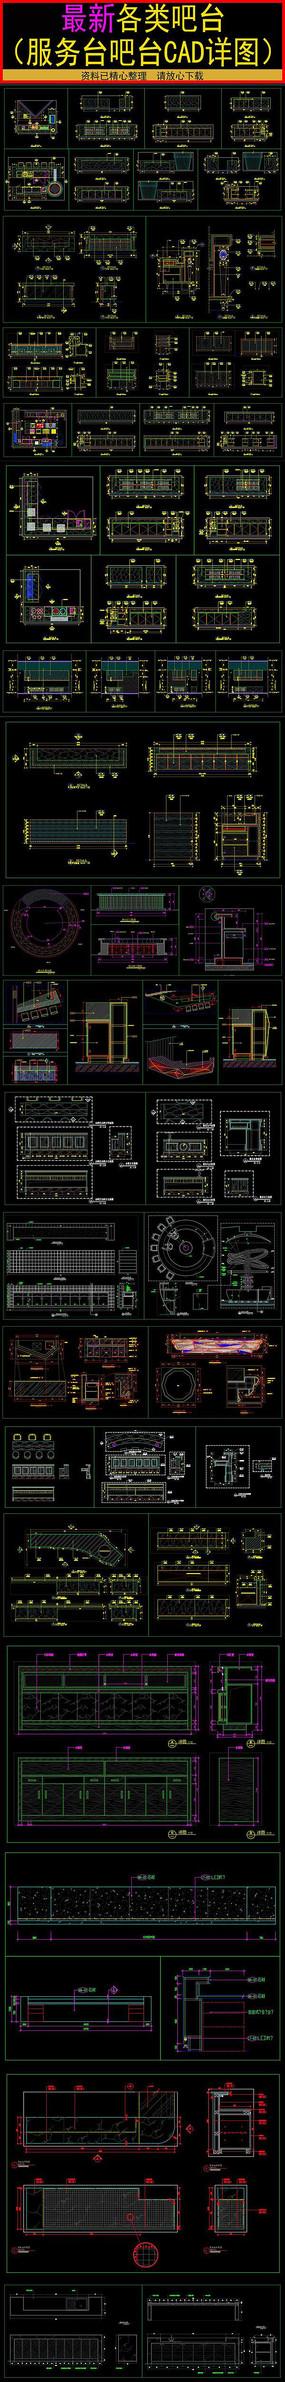 新款吧台服务台CAD